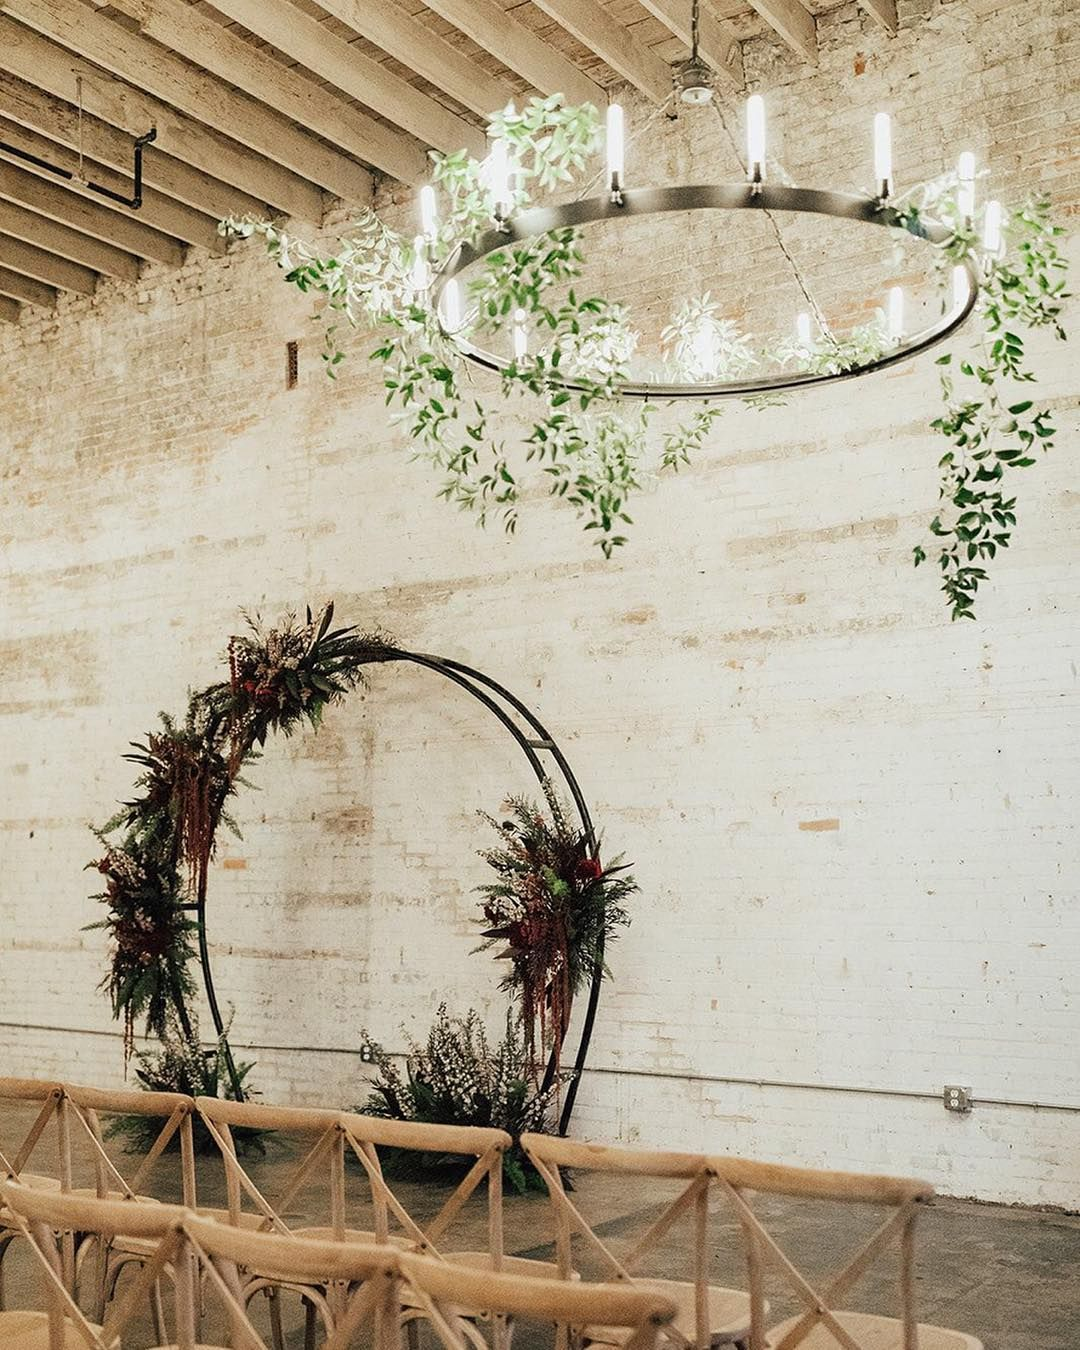 Alternative Wedding Arch Rentals In Dallas Fort Worth Moody Romantic Wedding Ceremony Ideas Brake Warehouse Wedding Warehouse Wedding Venue Wedding Venues